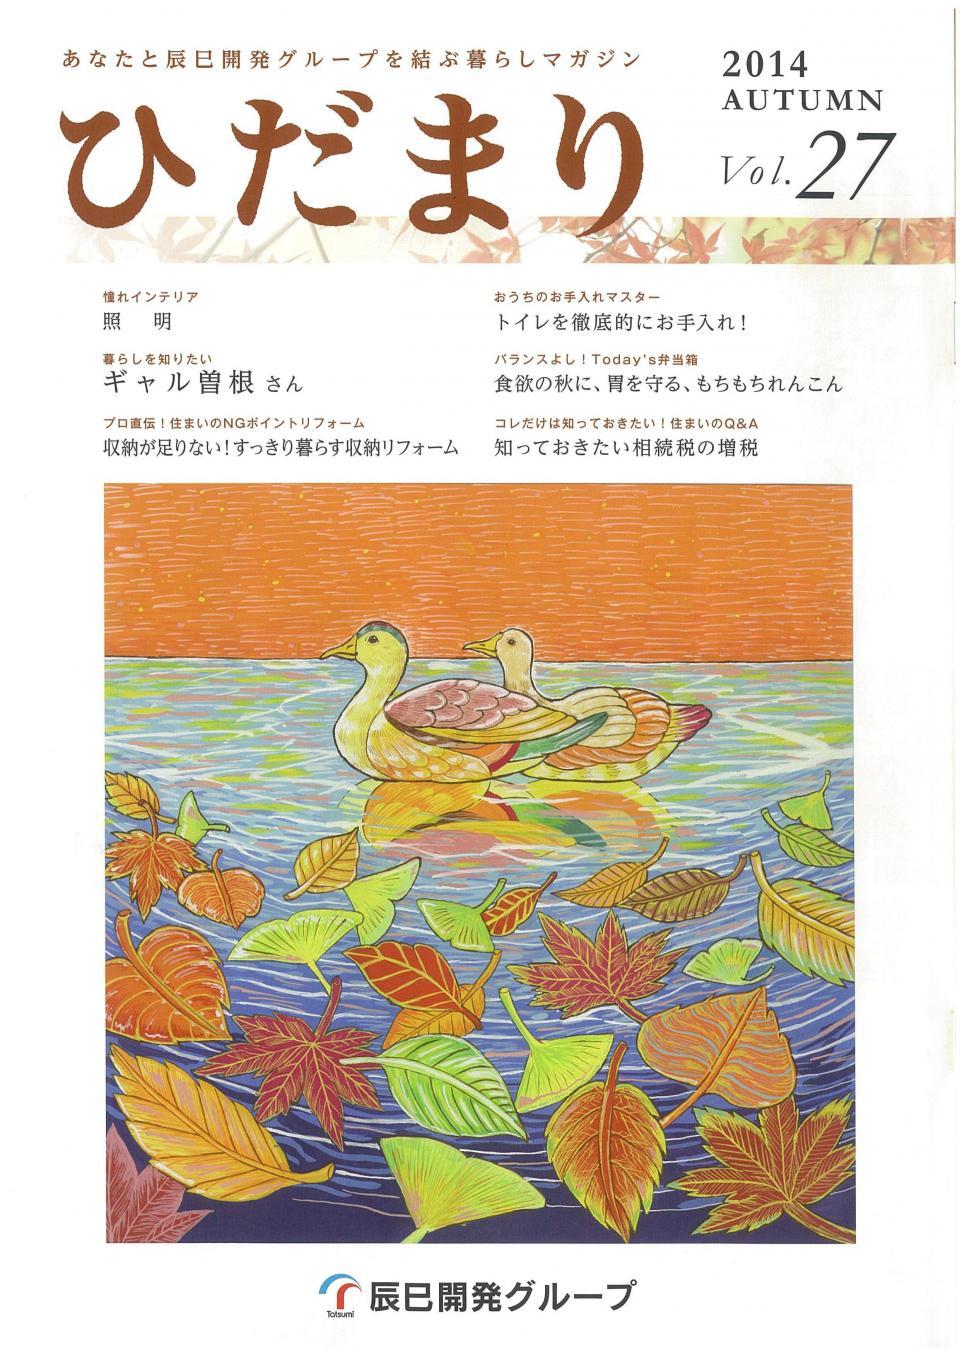 ひだまり 2014 Autumn vol.27